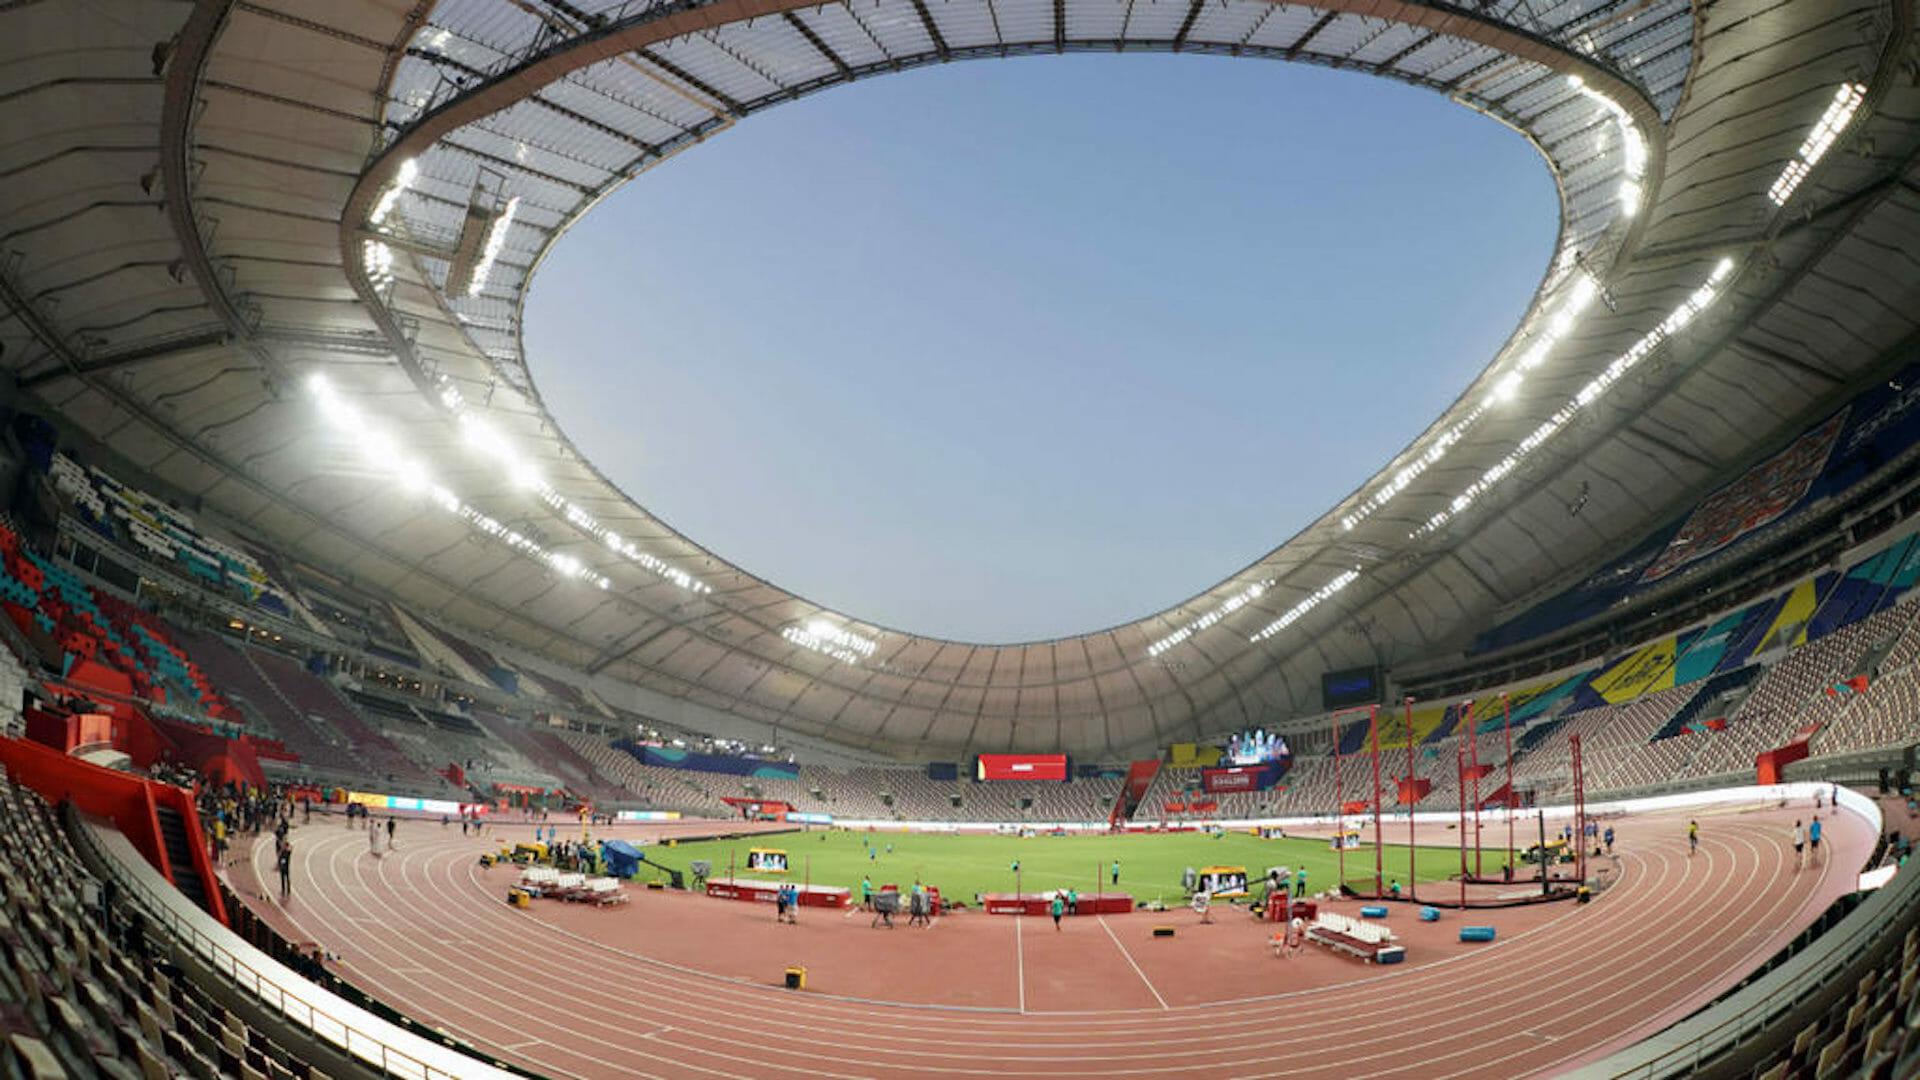 Pourquoi les pistes d'athlétisme sont-elles rouges?